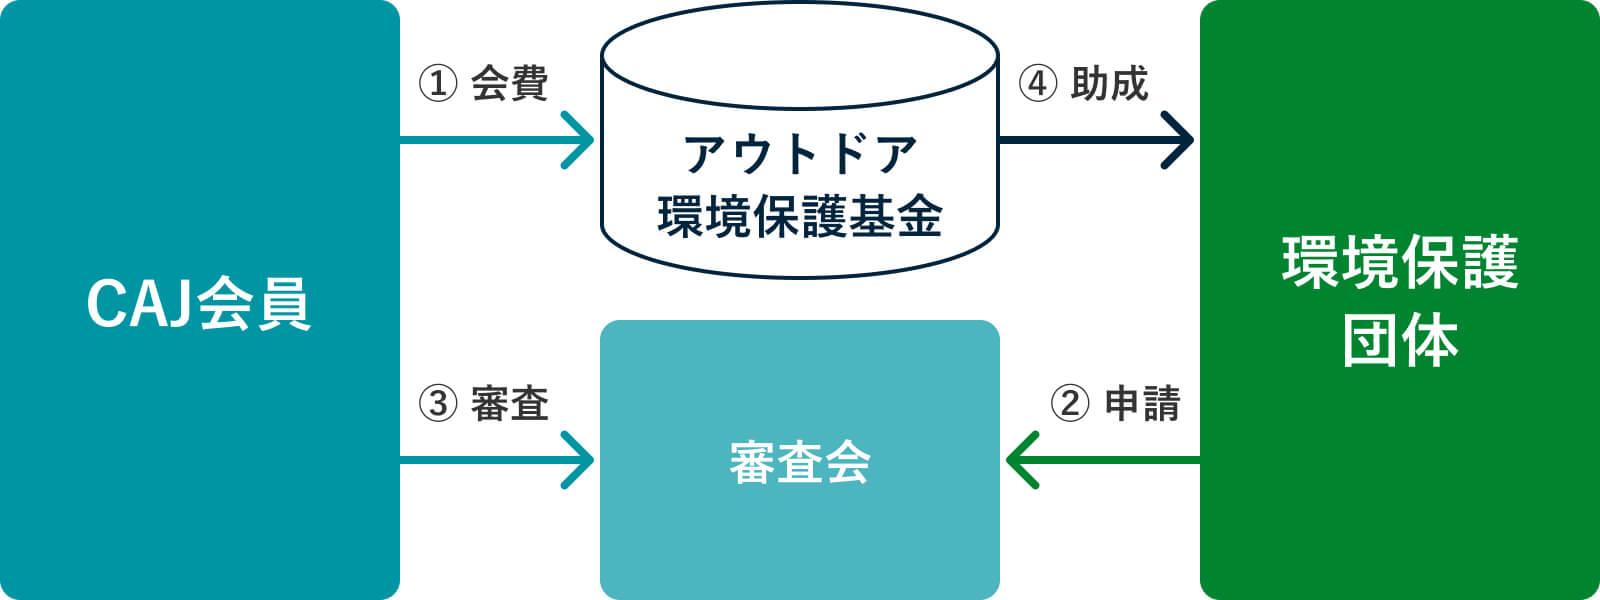 基金・助成の仕組み イメージ